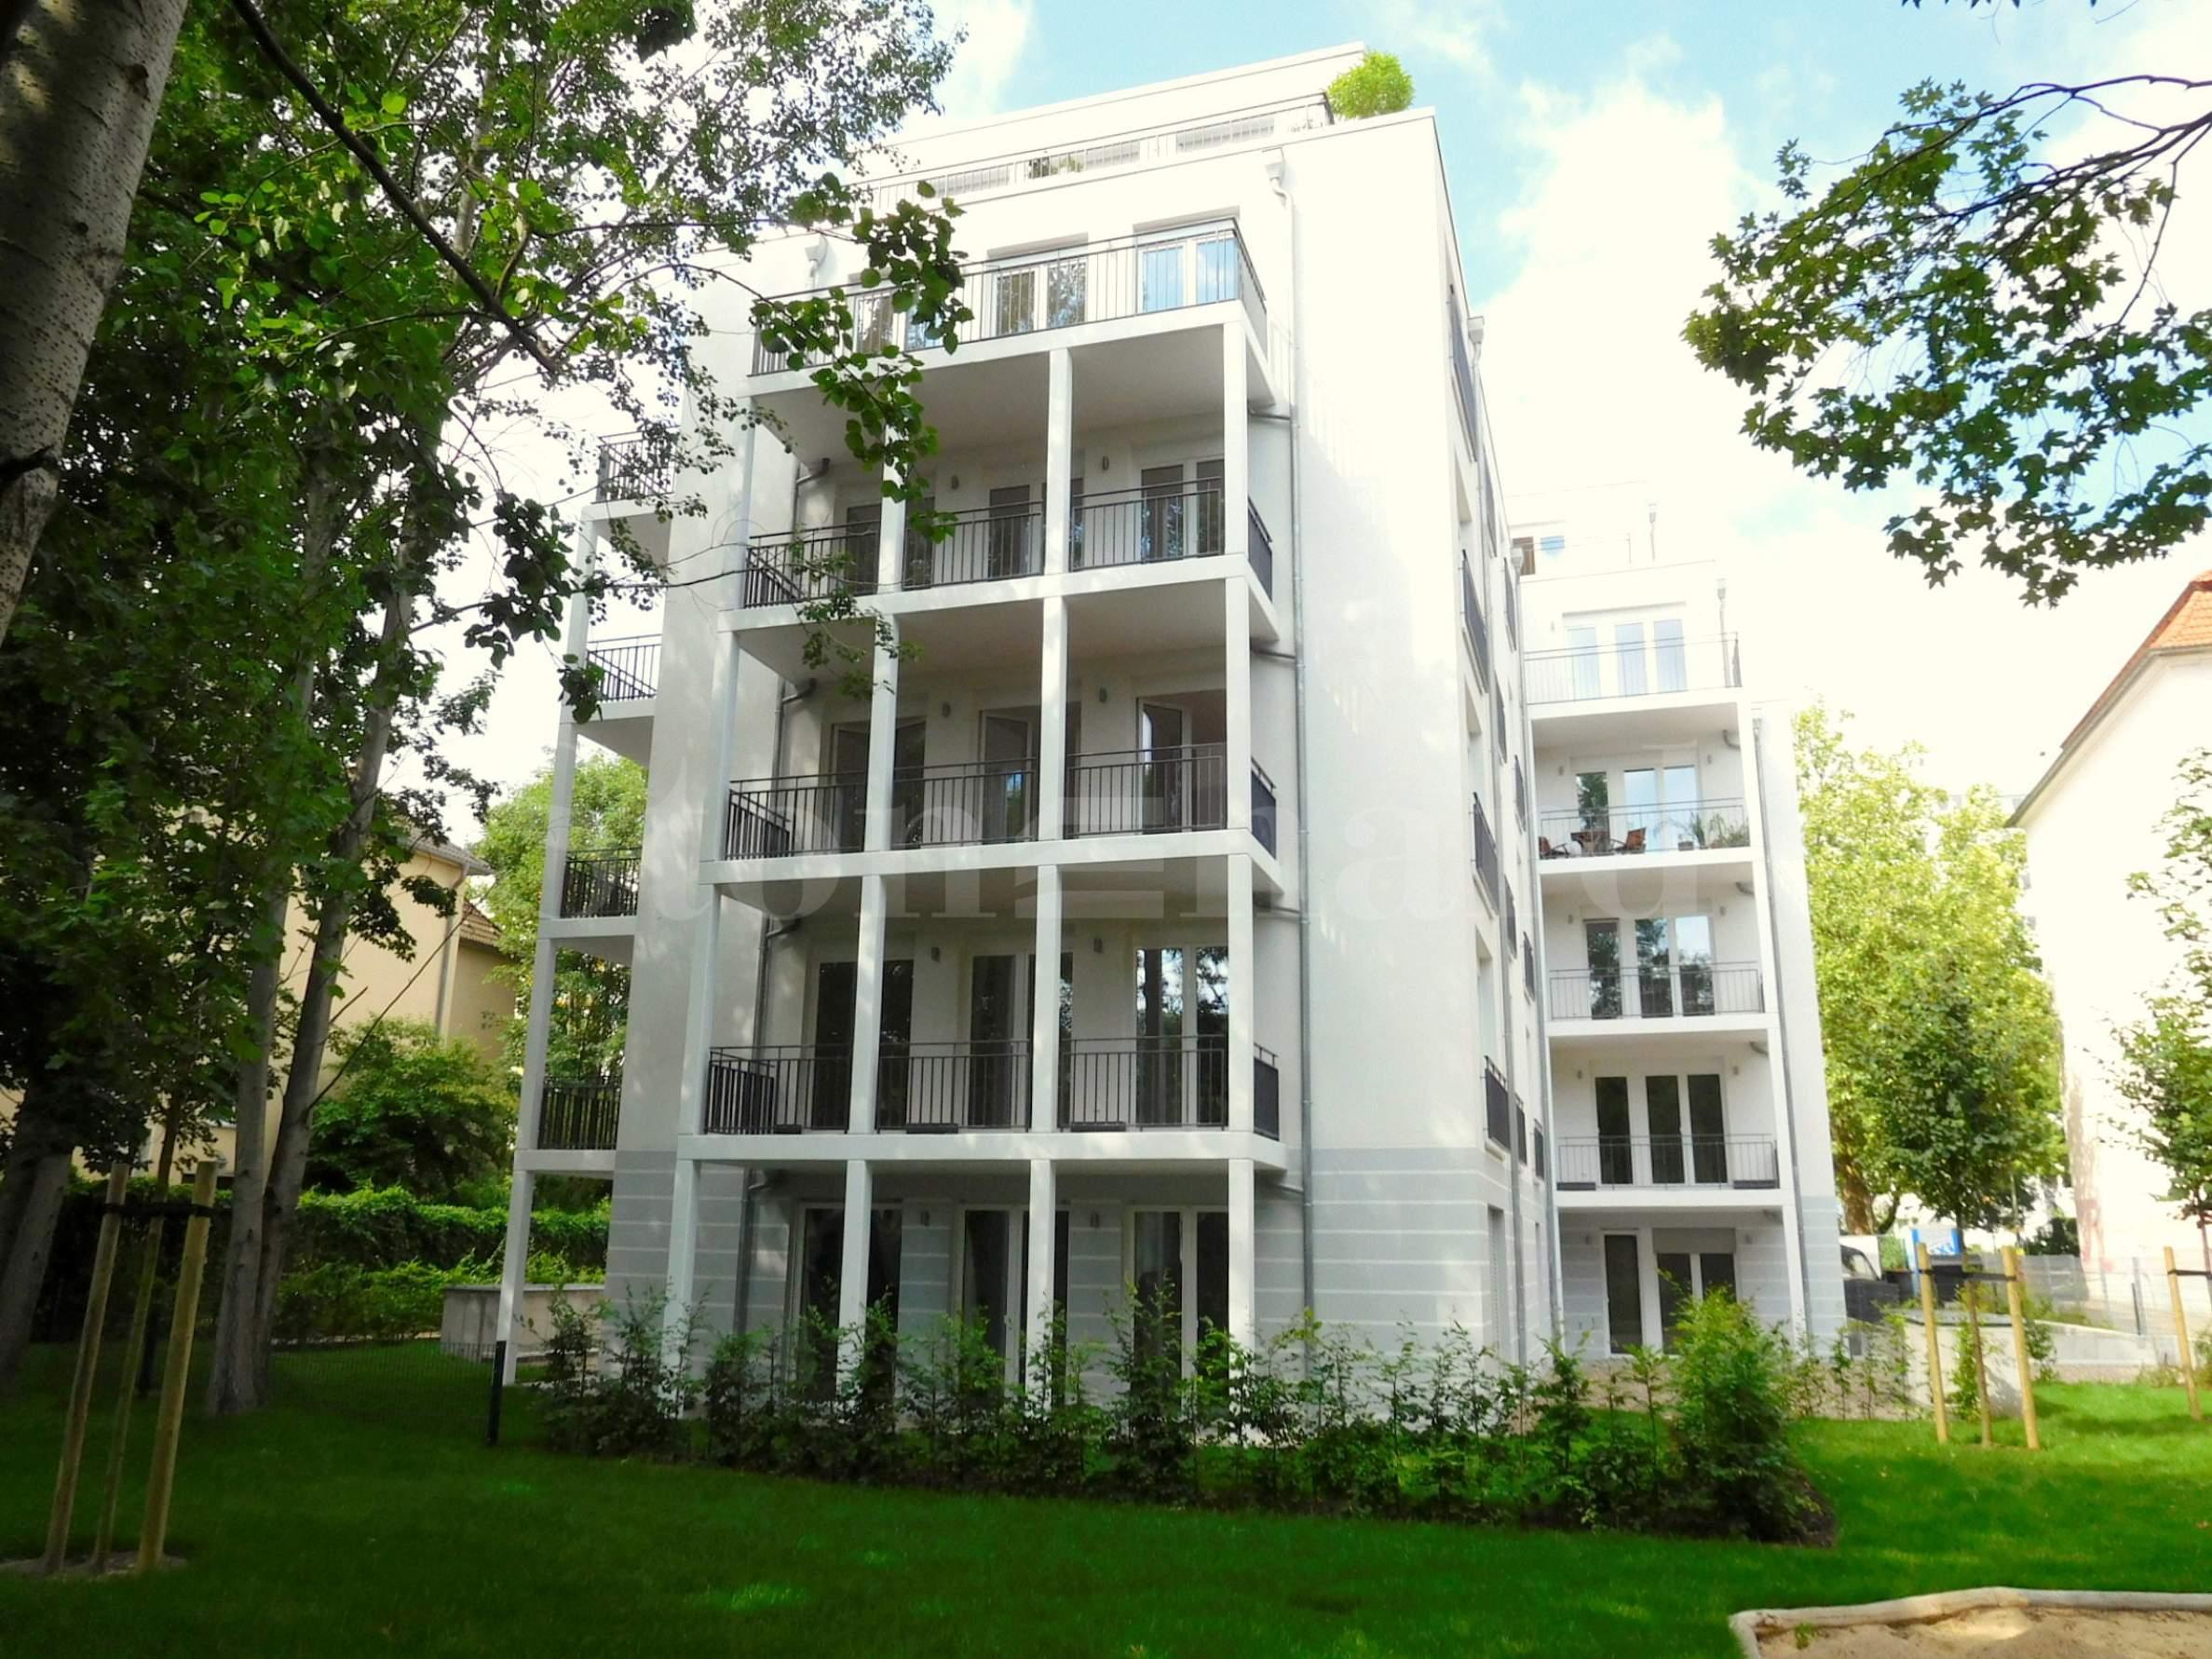 Нова сграда със собствена паркова зона в бързо развиващ се квартал1 - Stonehard